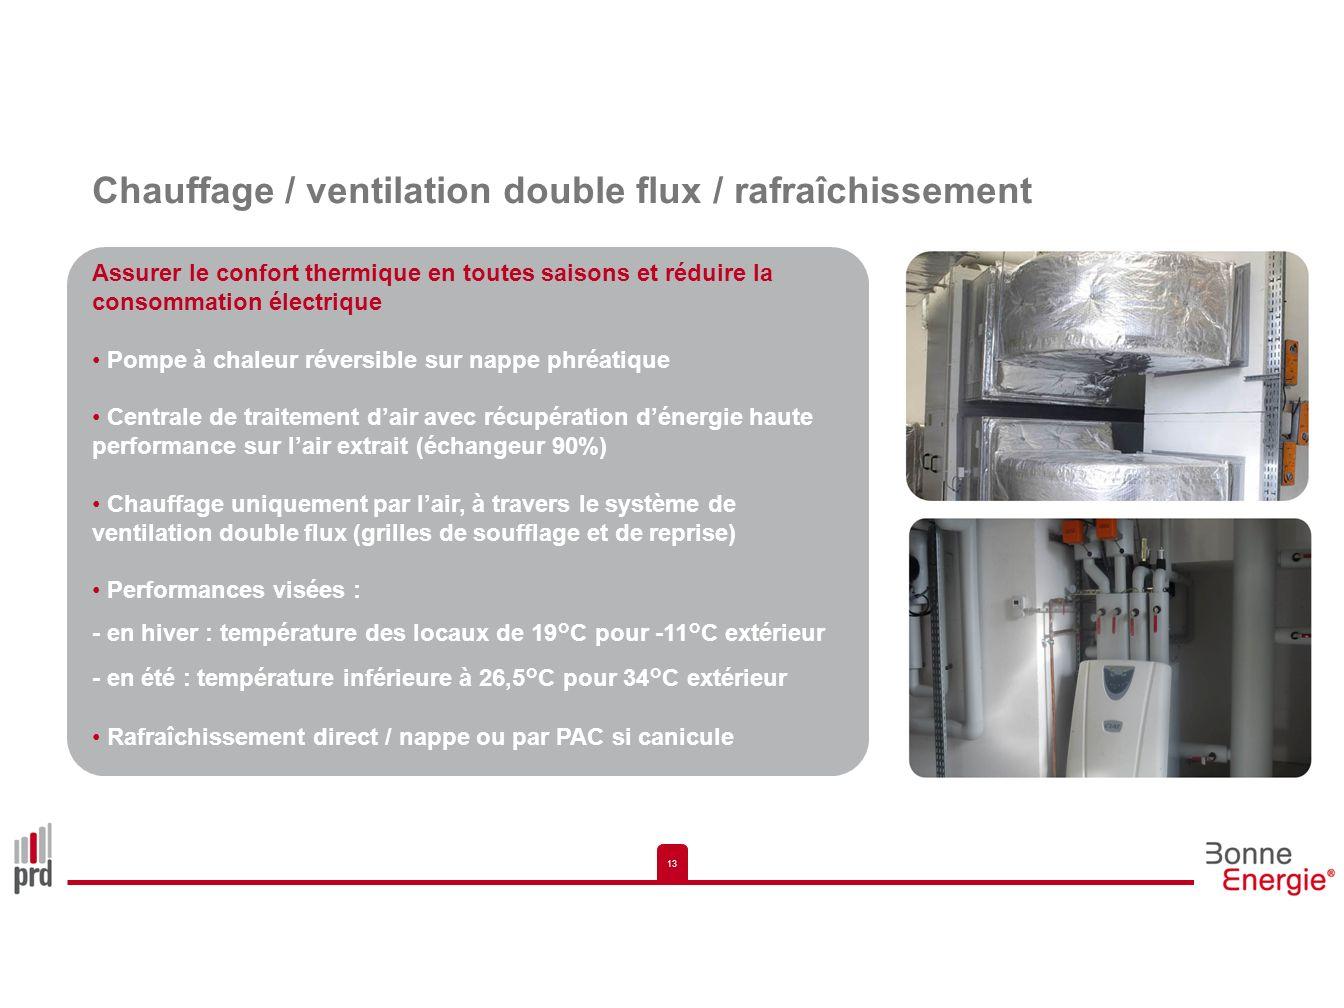 13 Chauffage / ventilation double flux / rafraîchissement Assurer le confort thermique en toutes saisons et réduire la consommation électrique Pompe à